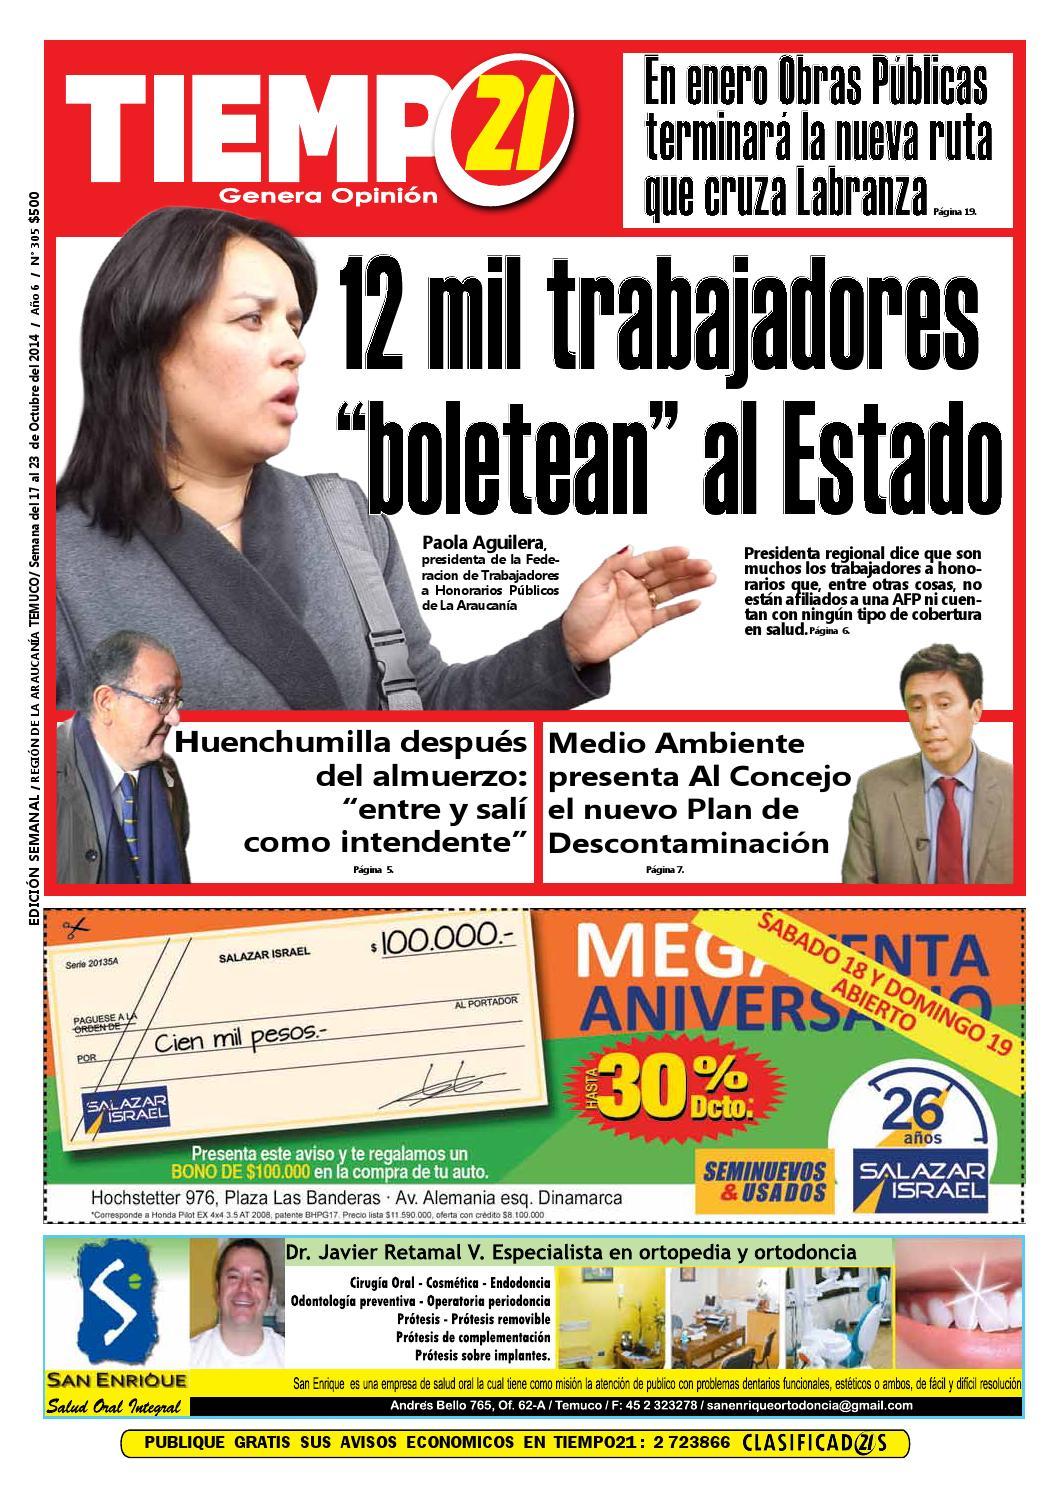 Edici N 305 12 Mil Trabajadores Boletean Al Estado By Tiempo21  # Muebles Mehuin Rancagua